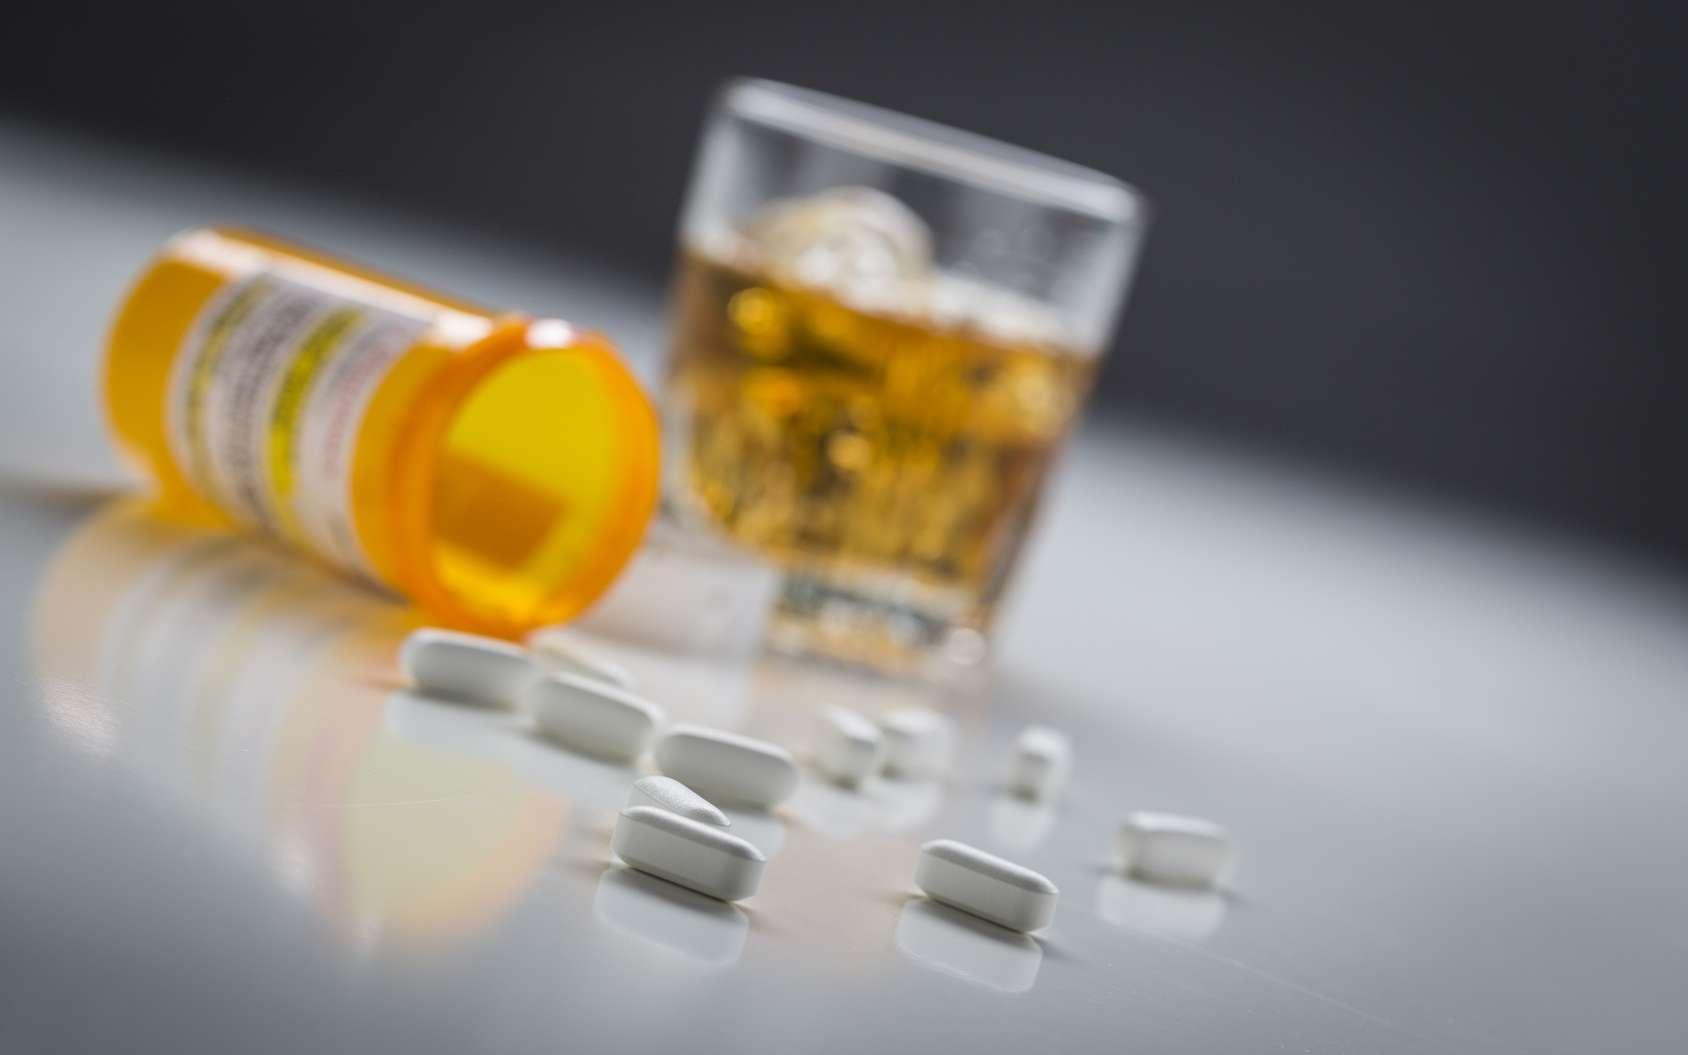 Le baclofène est utilisé pour lutter contre la dépendance à l'alcool, mais sans AMM. © Andy Dean, Fotolia